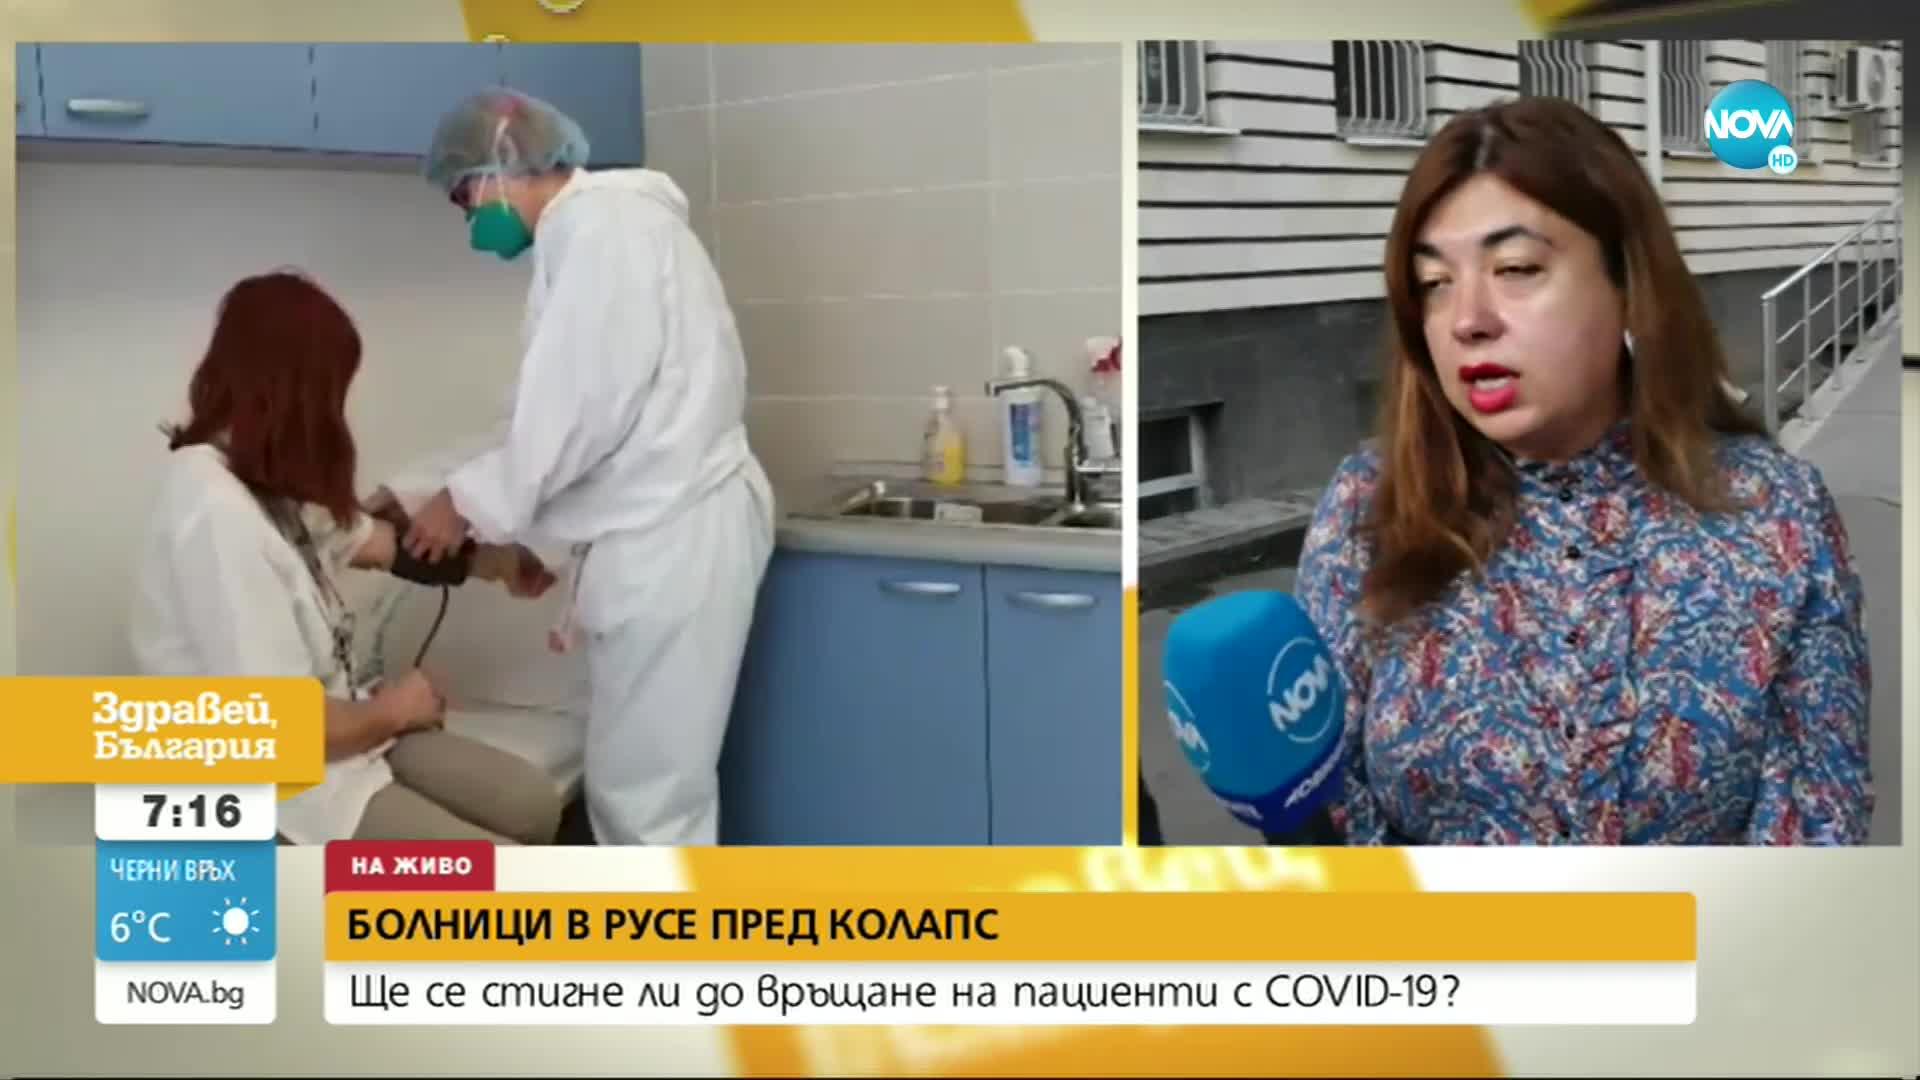 Болниците в Русе са пред колапс